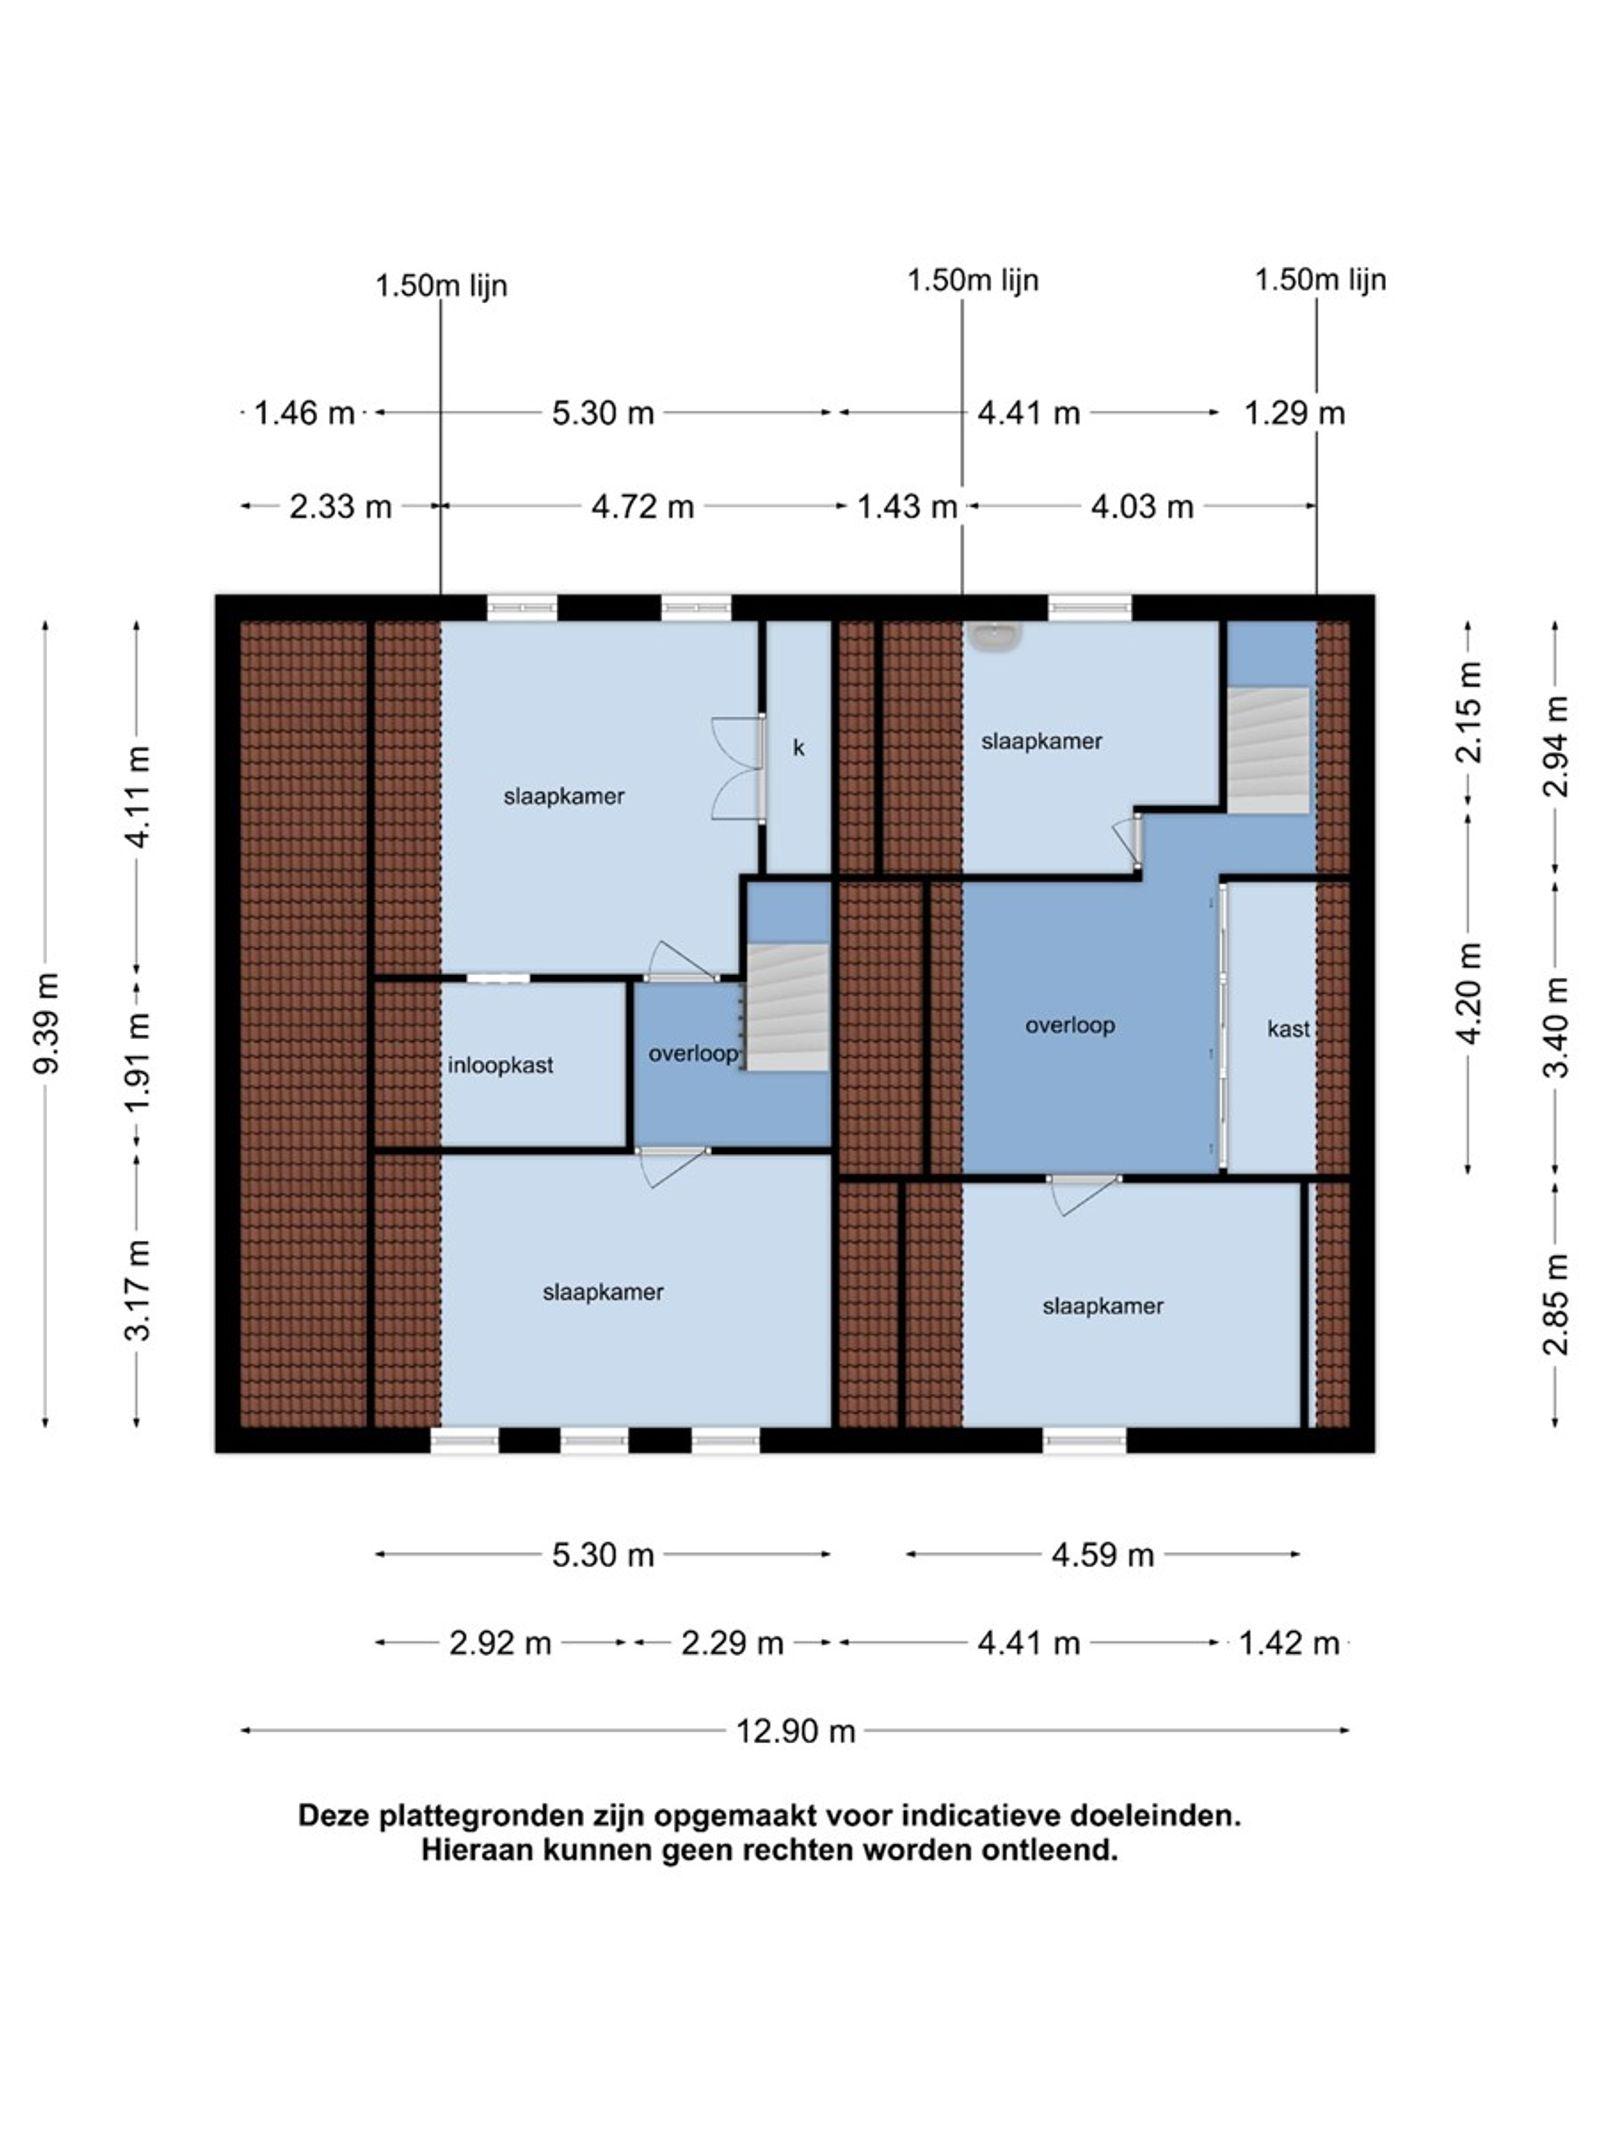 Heerlijk wonen en werken combineren in deze royale en unieke vrijstaande woning welke rustig is gelegen met weids uitzicht over de uitgestrekte landerijen maar toch in de nabijheid van de dorpskern met al haar voorzieningen. De woning staat op een mooi perceel van 2.280 m² en is ingedeeld in een tweetal leefruimtes waarbij het nieuwe bewoners een zee aan ruimte biedt.  Het vrijstaande bijgebouw is multifunctioneel inzetbaar en uitermate geschikt als een kantoor/atelier–of hobbyruimte. Achter de woning bevindt zich nog een royaal verhard terrein met volop parkeermogelijkheden.  In de achtertuin ervaart u optimale rust - privacy.   BEGANE GROND - 1e gedeelte  Voorentree  Afwerking- tegelvloer, schoonmetselwerk wanden en een houten schroten plafond. Meterkast- 8 groepen, krachtstroom - aardlekschakelaarbeveiliging.   Woonkamer voorzien van schouw met kachel en een tweetal vasten kasten. Afwerking- tegelvloer, deels Agnes platen en deels schoonmetselwerk wanden. Het plafond is afgewerkt met houten schroten.  Leefkeuken bevind zich in de uitbouw van de woning en is in hoekopstelling uitgerust met een kunststof aanrechtblad, koelkast, vaatwasser, oven, dubbele spoelbak, 4 pits keramische kookplaat en afzuigkap.  Afwerking- tegelvloer, stucwerk wanden en een houten schroten plafond.  Achterentree met luik naar de bergzolder waar de warmwater boiler zich bevind (huur). Afwerking- tegelvloer, stucwerk wanden en een houten schroten plafond.  Tussenportaal met toegang tot de toiletruimte, doucheruimte en inpandig bereikbare garage. Afwerking- tegelvloer, betegelde wanden en een houten schroten plafond.  Toiletruimte met fonteintje. Afwerking- tegelvloer, betegelde wanden en een houten schroten plafond.  Doucheruimte met inloopdouche met thermostaatkraan, wastafel en wandkast. Afwerking- tegelvloer, betegelde wanden en een houten schroten plafond.  EERSTE VERDIEPING - 1e gedeelte Overloop  Afwerking- zeil op de vloer met deels stucwerk en deels houten schroten wanden. Het plafo